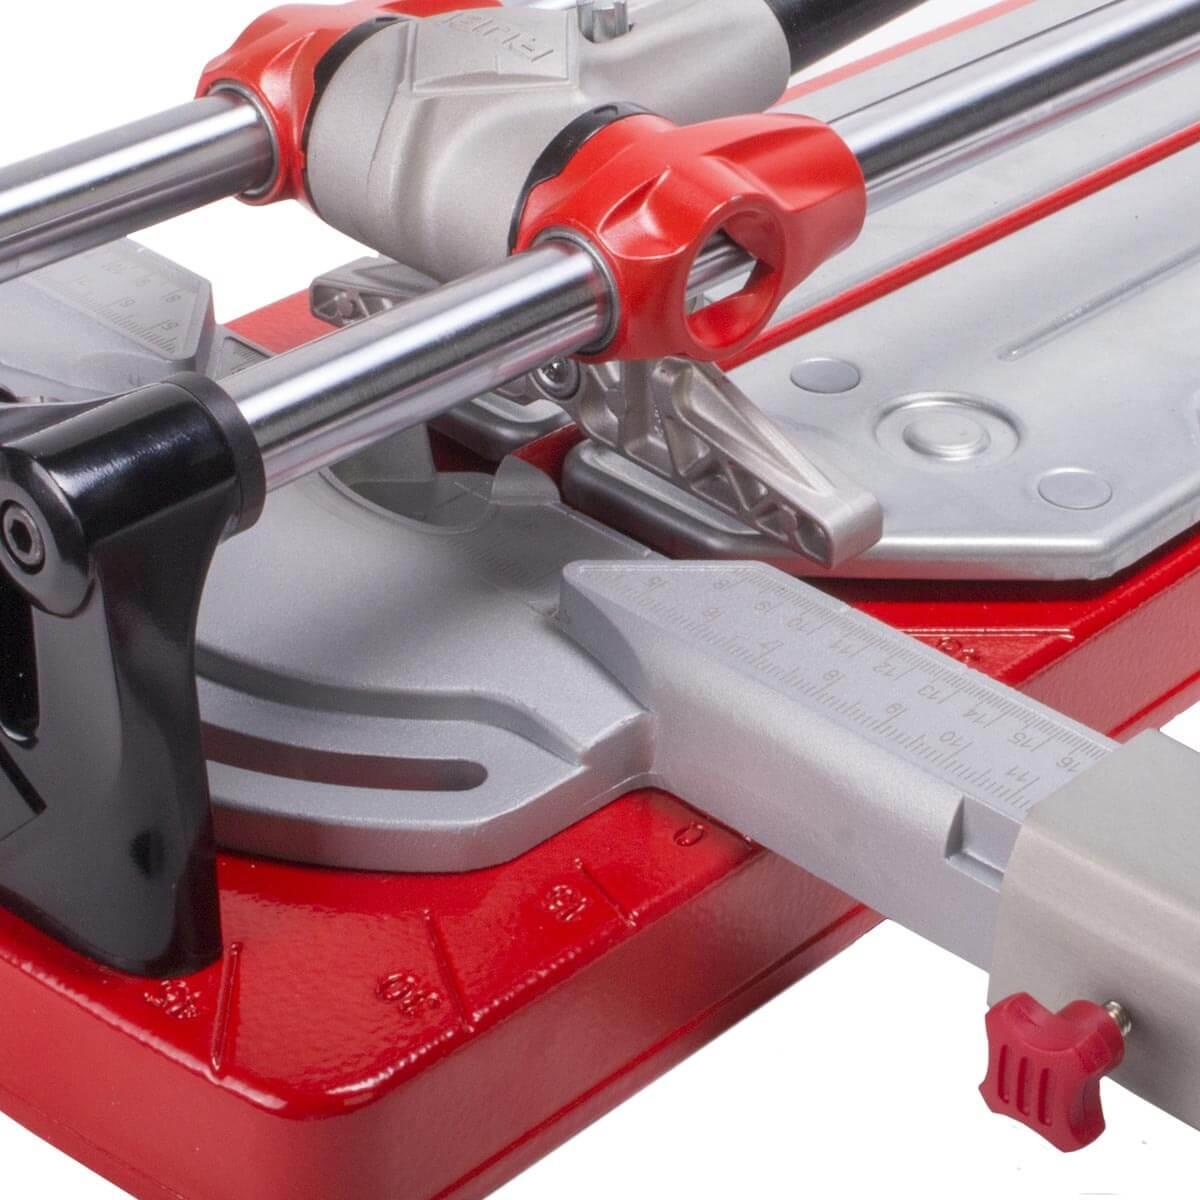 rubi tr magnet tile cutter guide